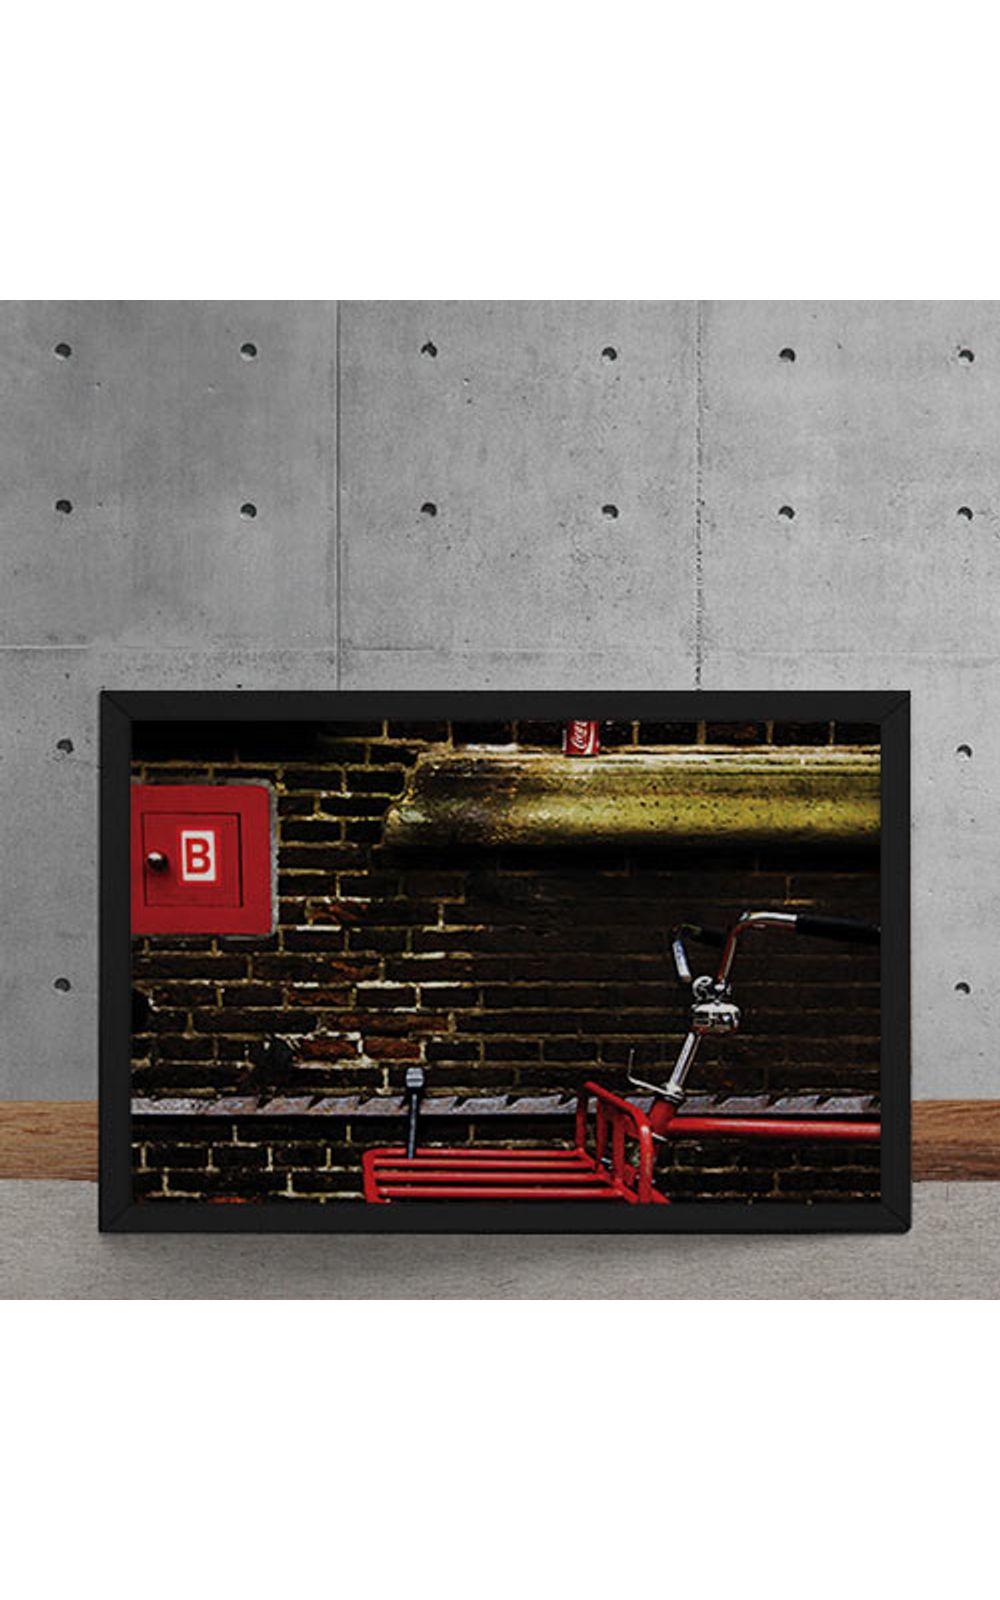 Foto 5 - Quadro Decorativo Bicicleta Vermelha Parede de Tijolos